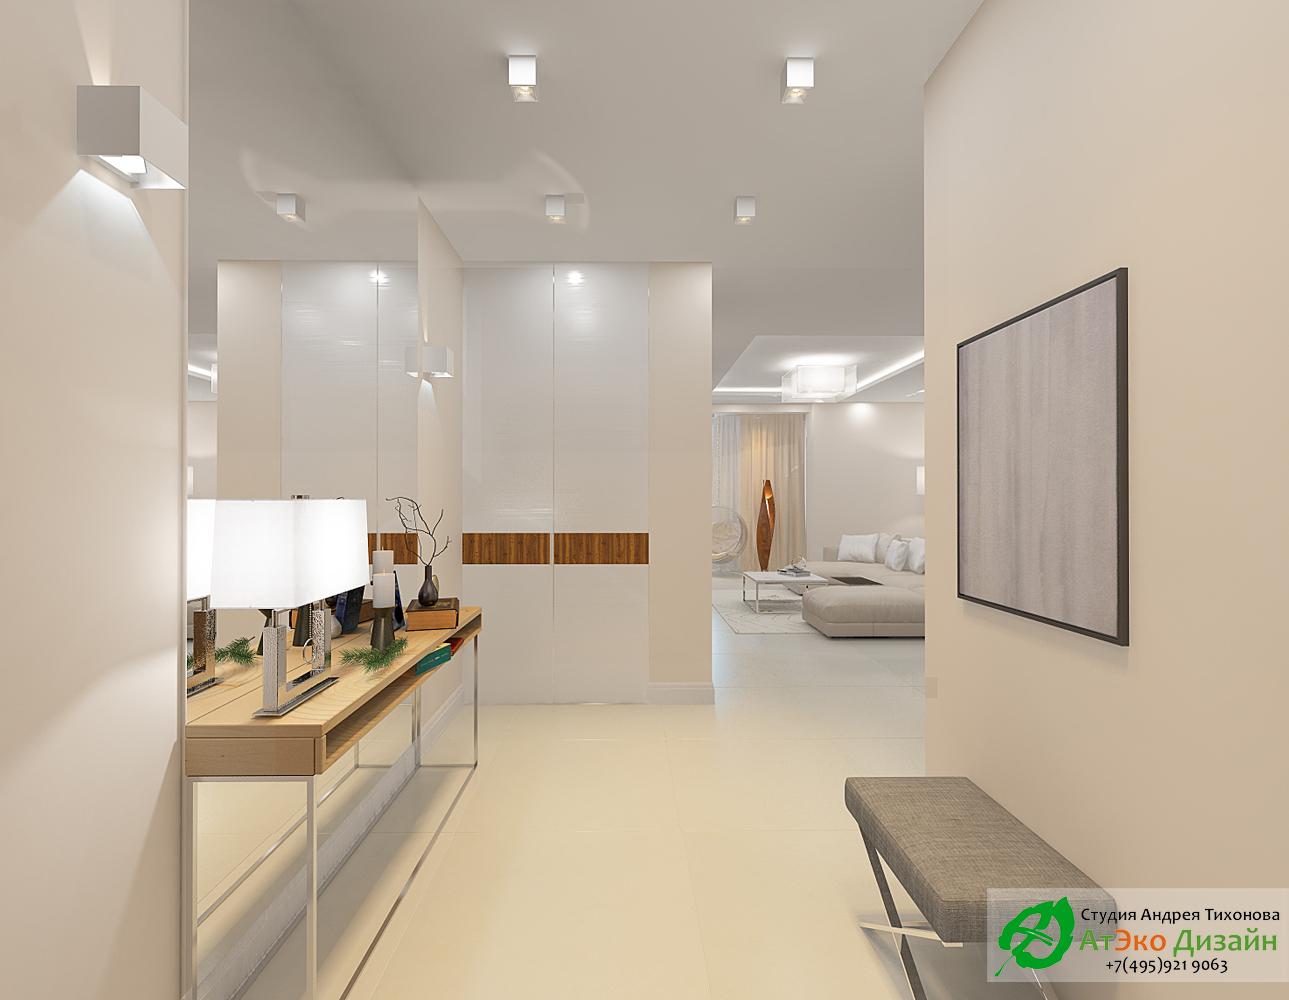 Дизайн интерьера прихожей в светлых тонах